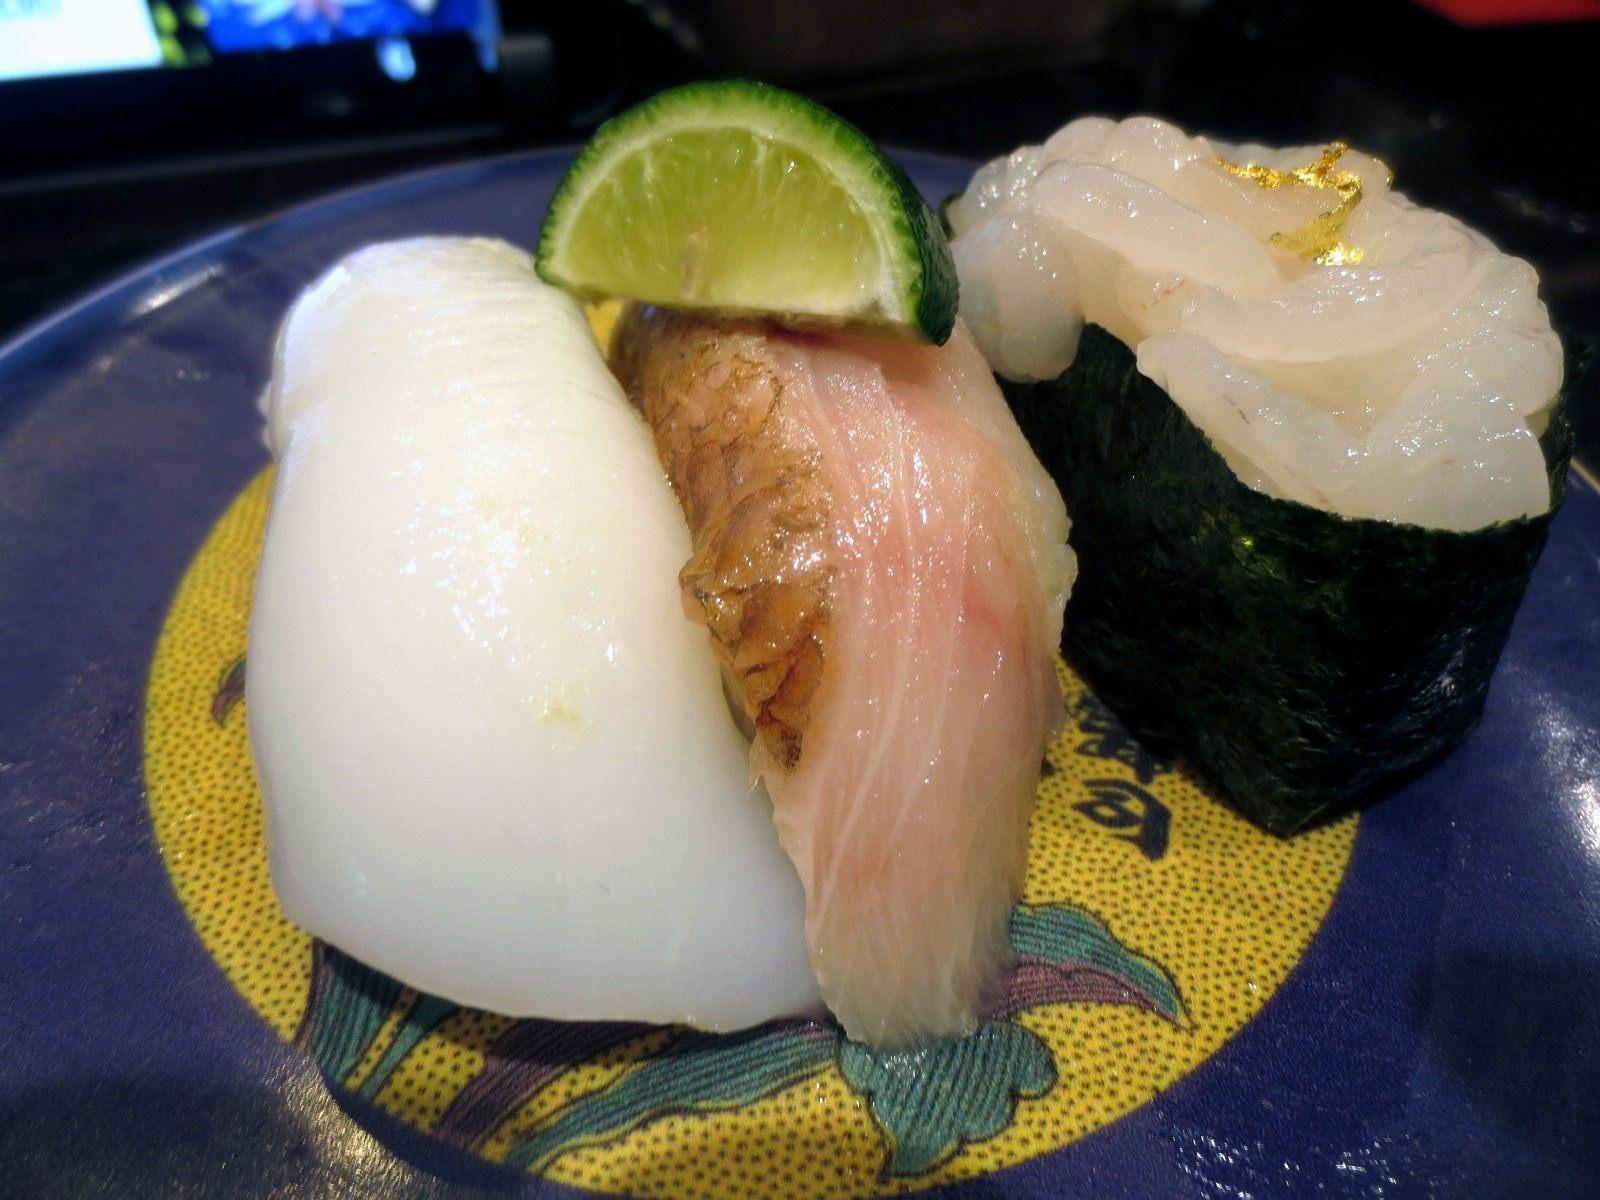 Three Types of White Fish (Bigfin Reef Squid from the Noto Peninsula, Shore Plover, Toyama White Shrimp Battleship)  ¥760